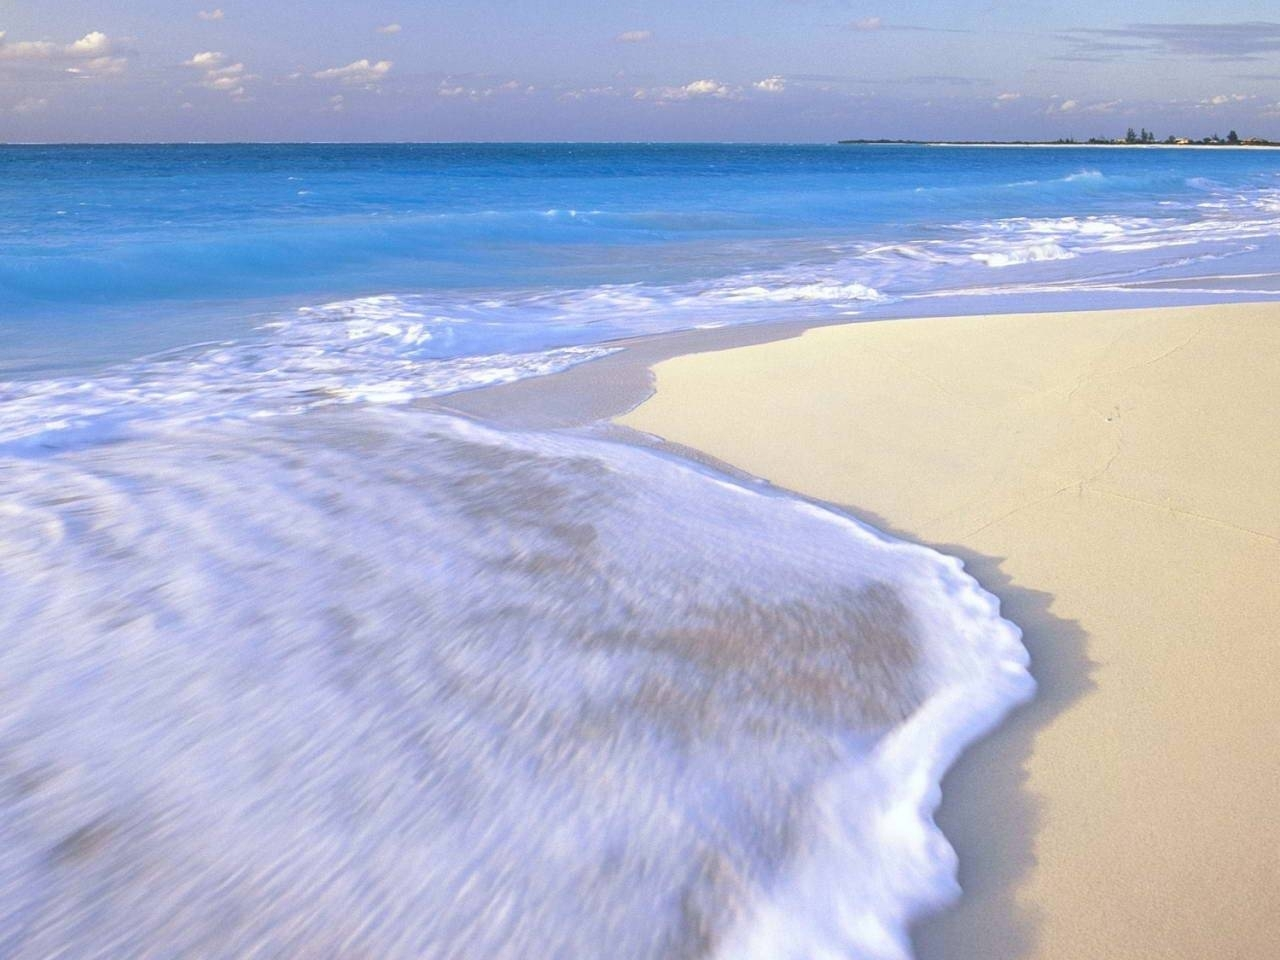 23515 скачать обои Пейзаж, Море, Волны, Пляж - заставки и картинки бесплатно